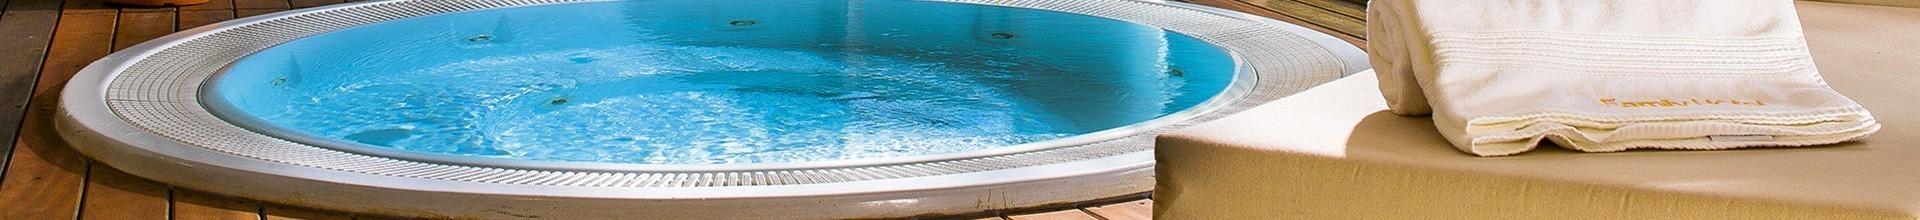 Vente spa en ligne direct fabricant, produit français Pays de la Loire